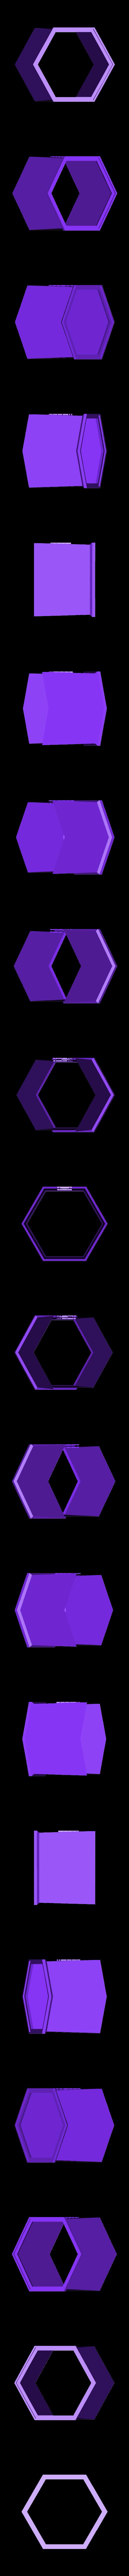 LH_hexa_body1_fixed_oben.stl Télécharger fichier STL gratuit Phare • Modèle pour impression 3D, jteix